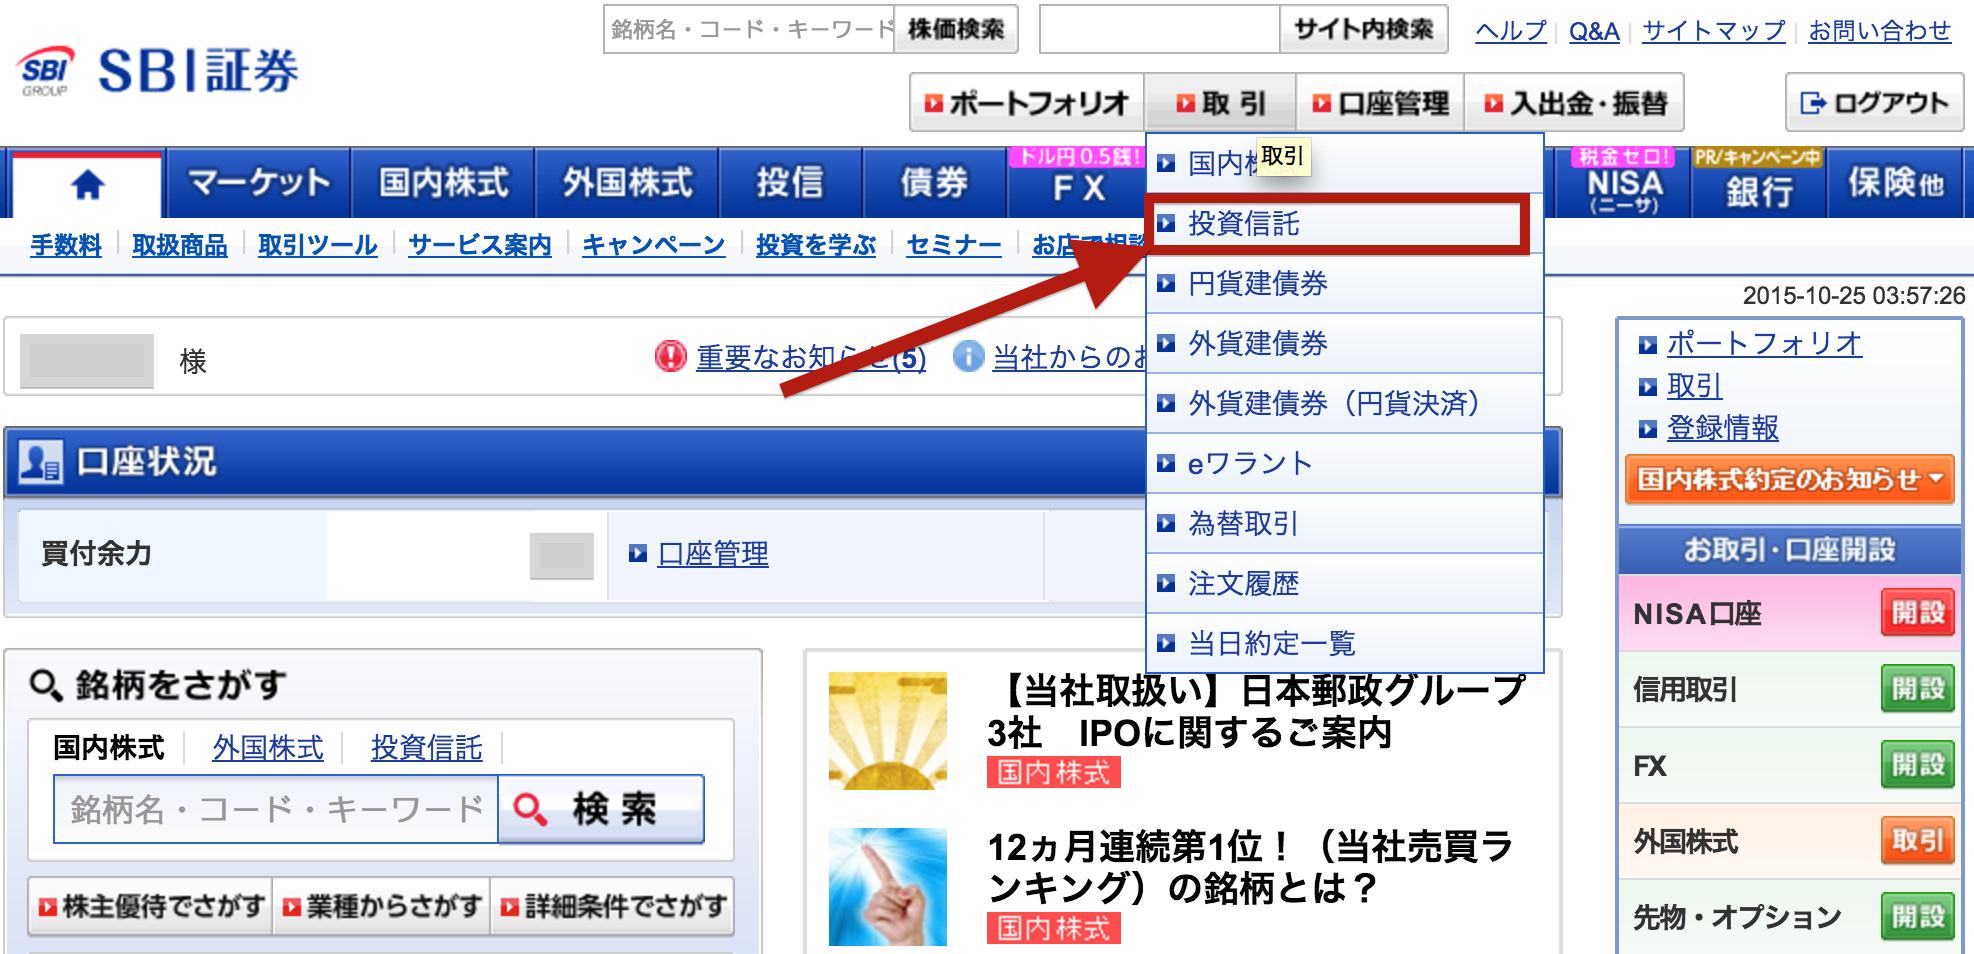 sbi 証券 ログイン 画面 pc